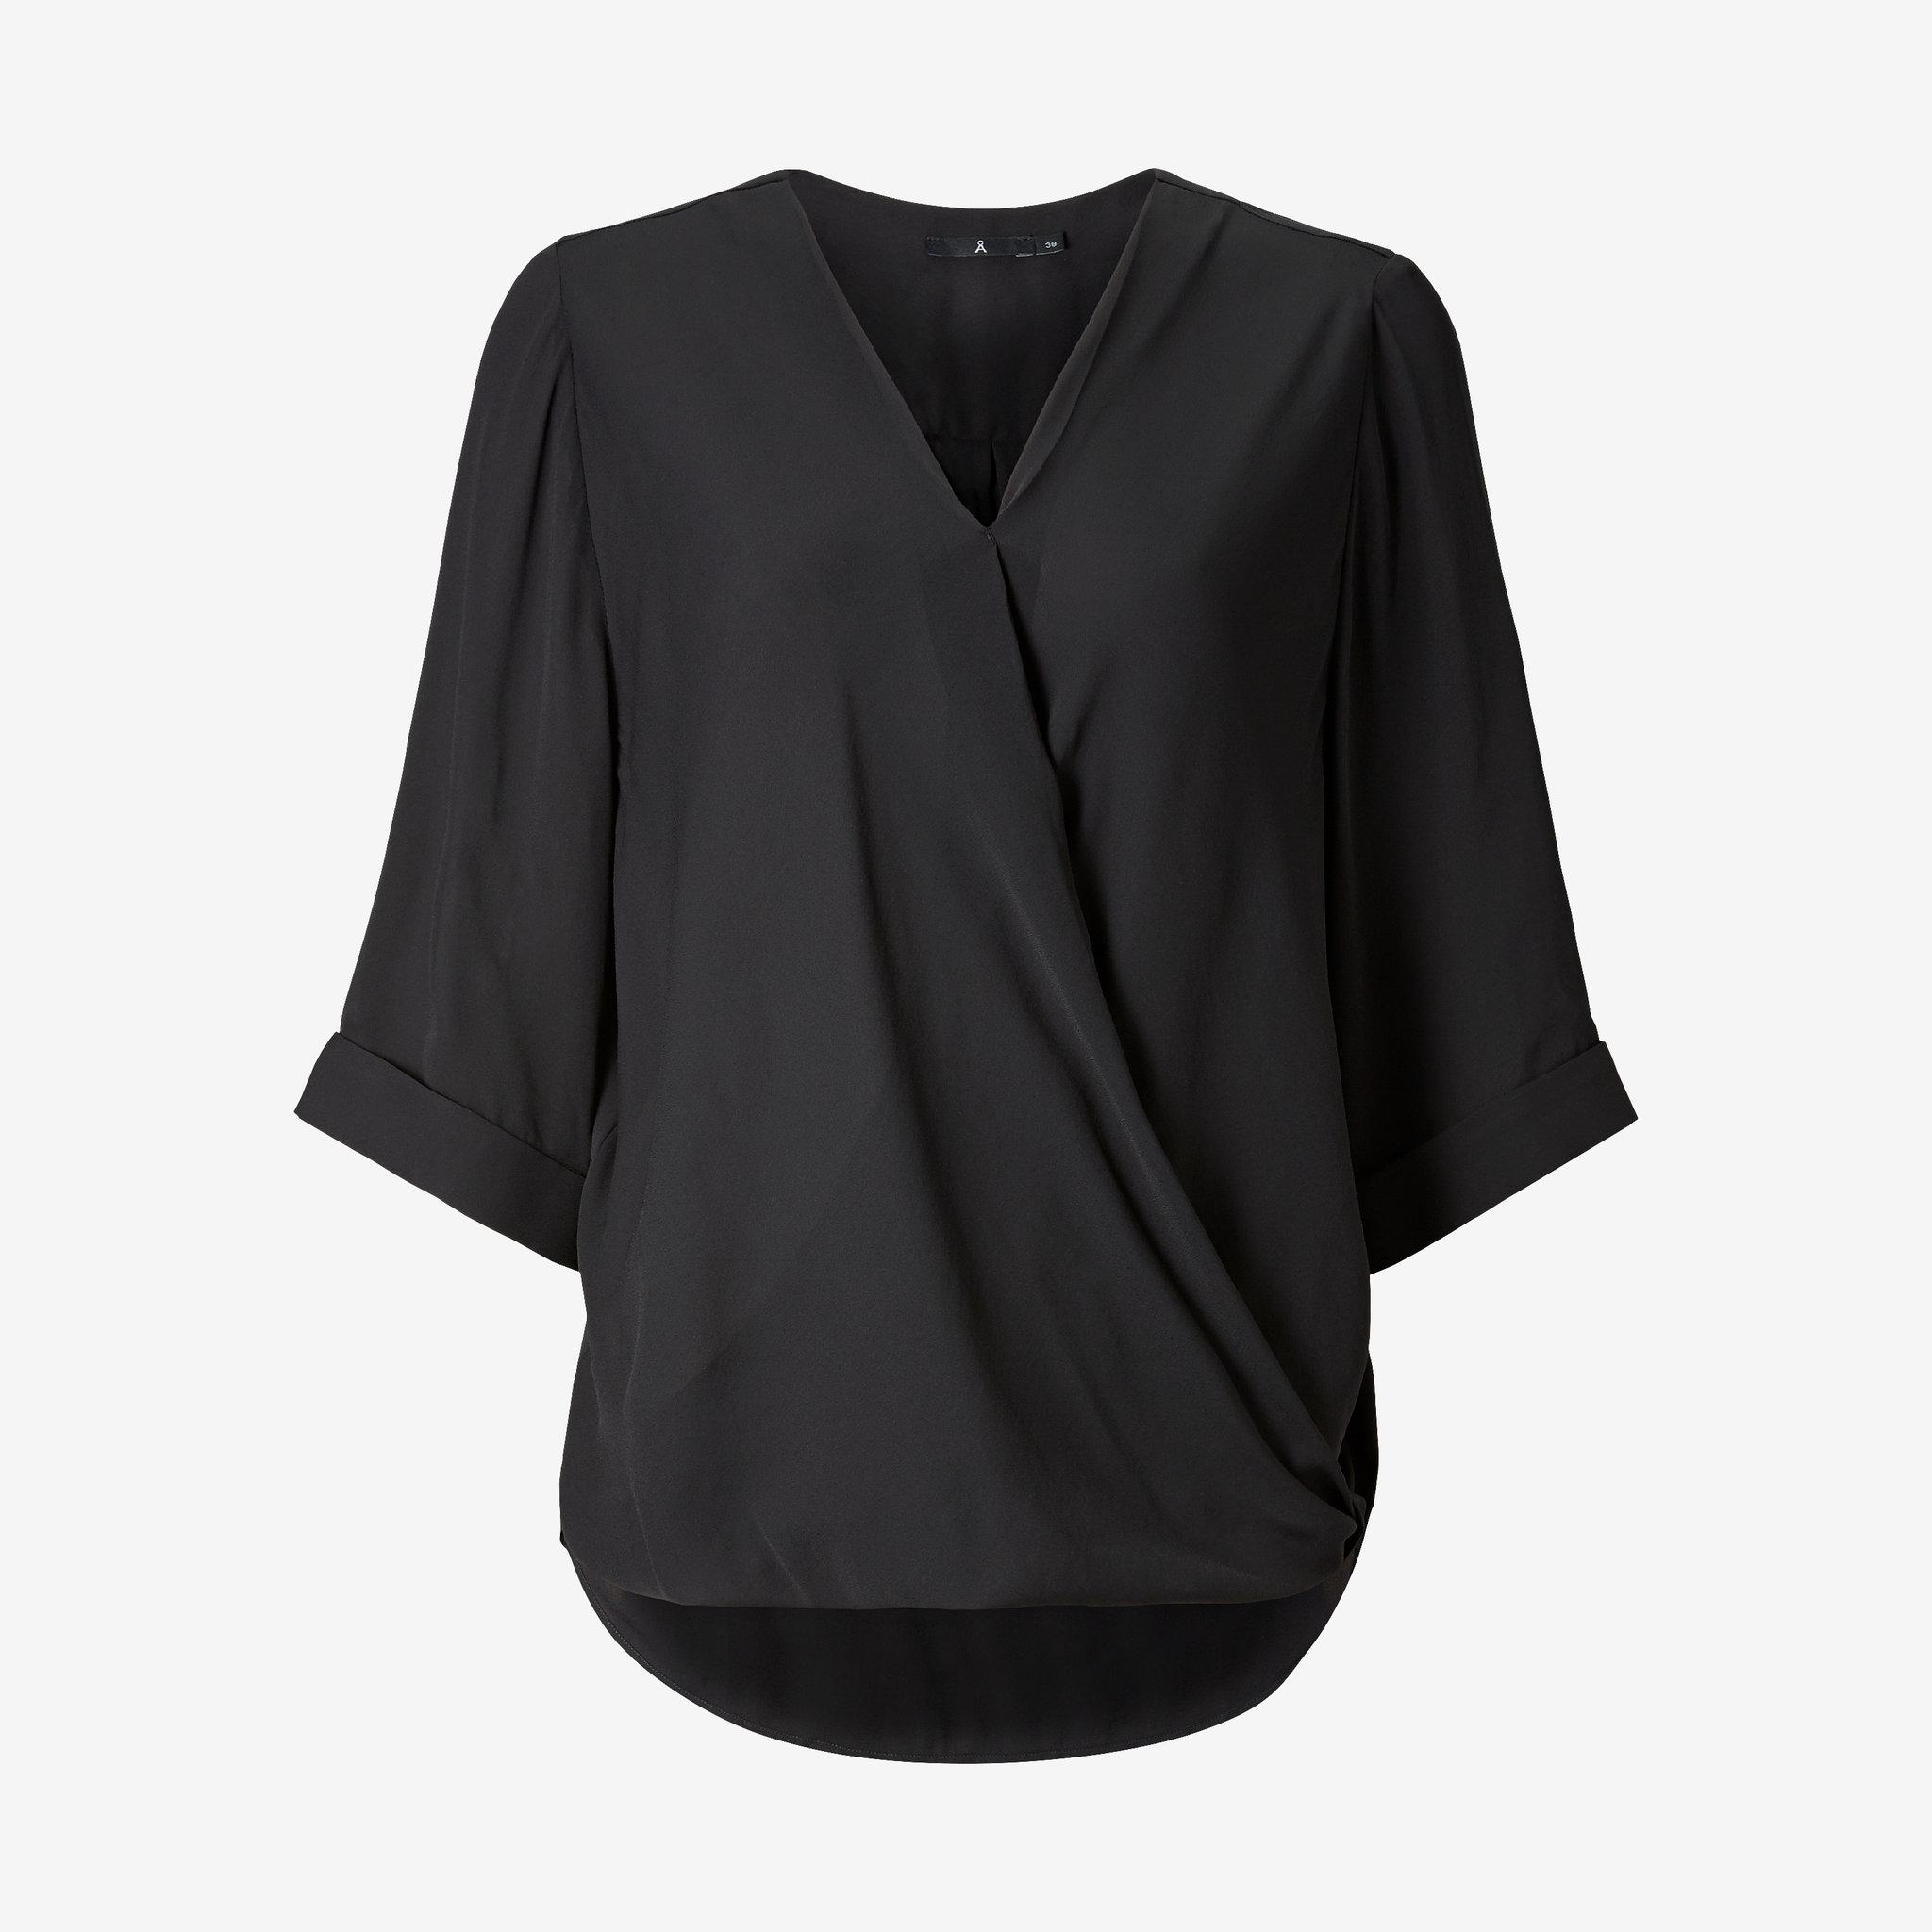 Blus - Blusar   skjortor - Köp online på åhlens.se! 40015d62abd40